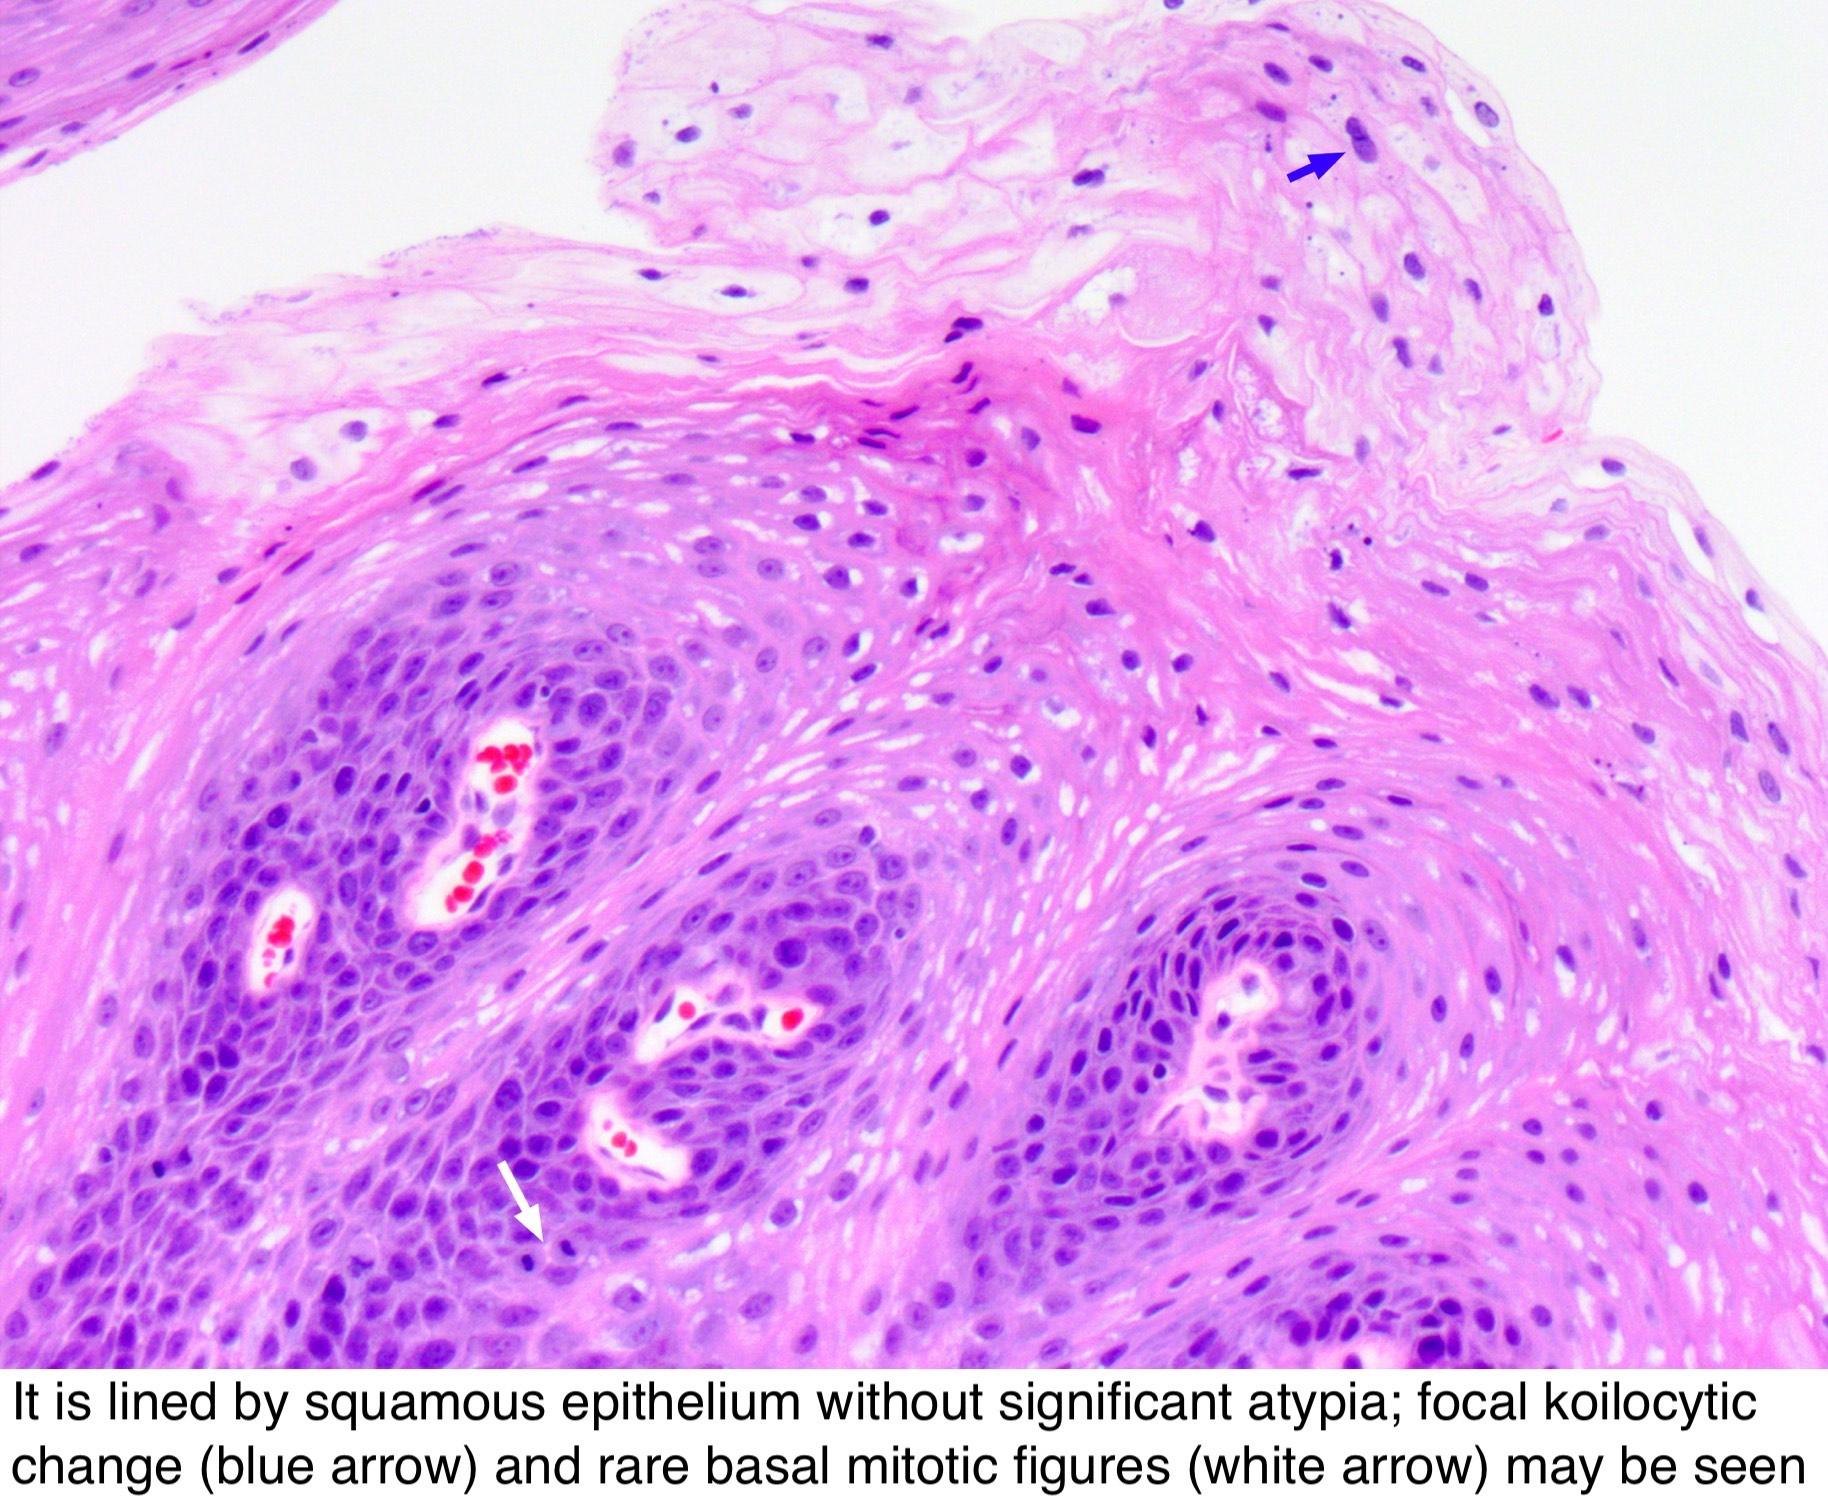 papiloma epidermoide esofago papilloma virus hsil